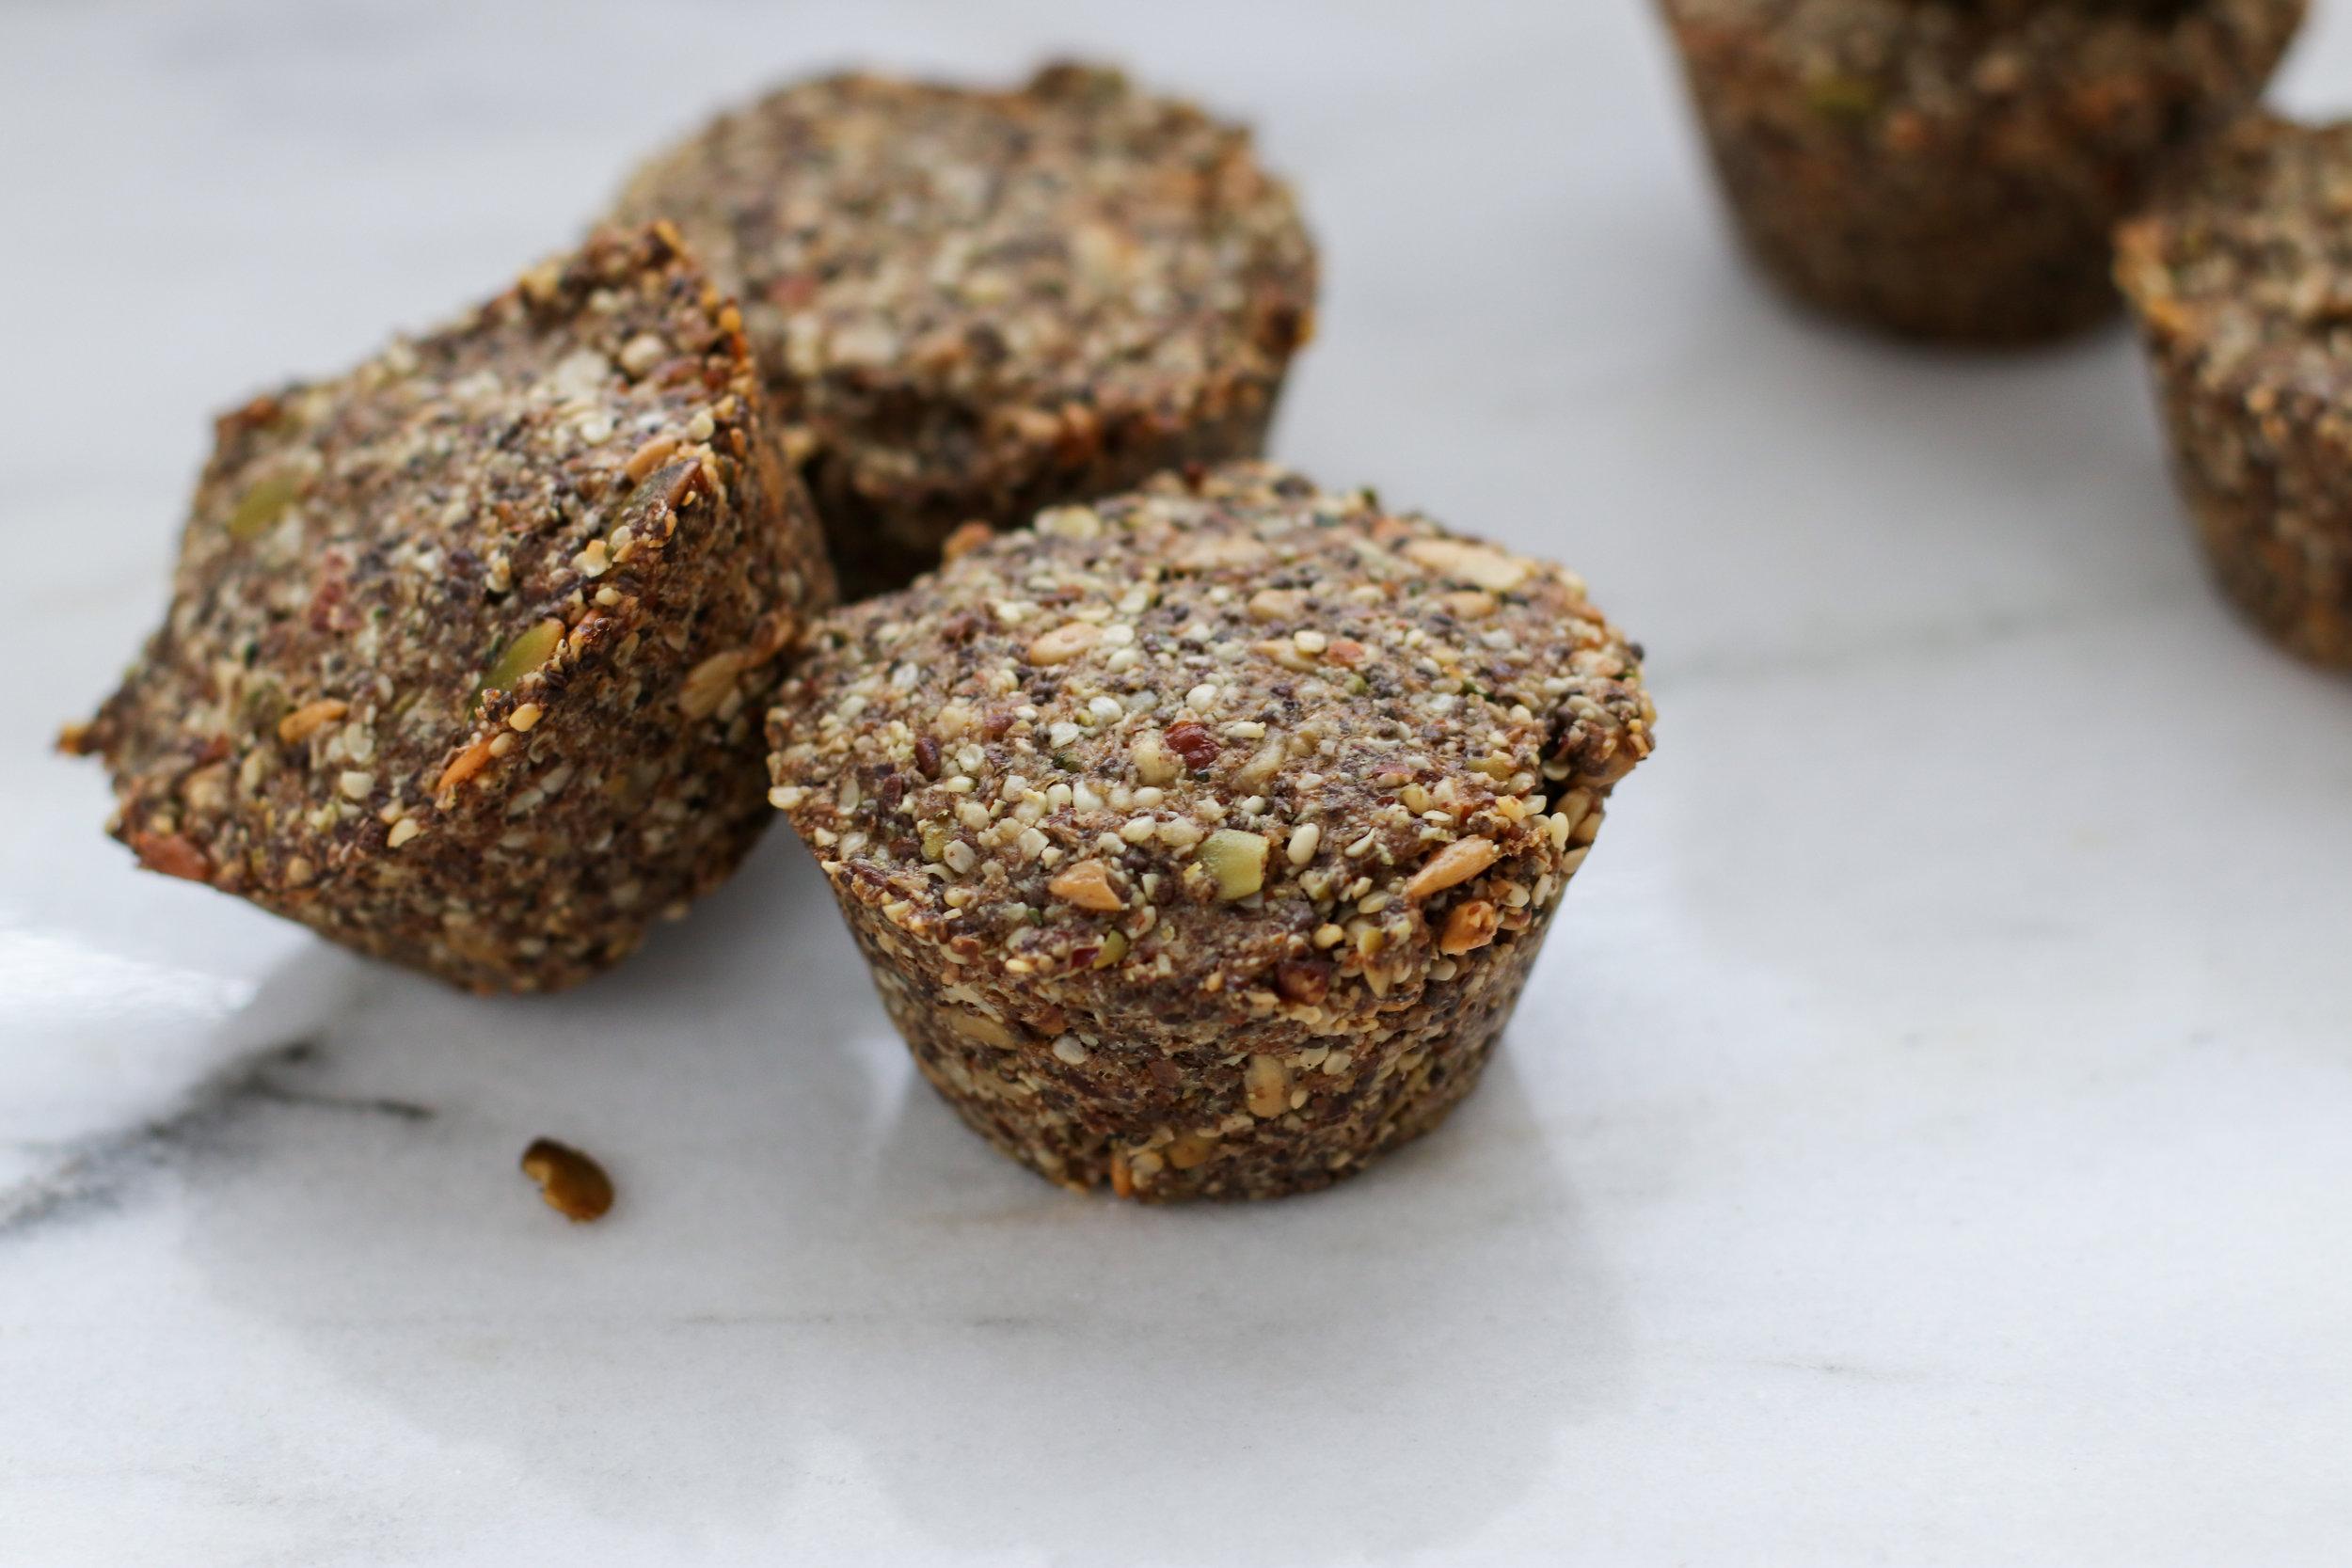 Grain-free Nut & Seed Bread Rolls